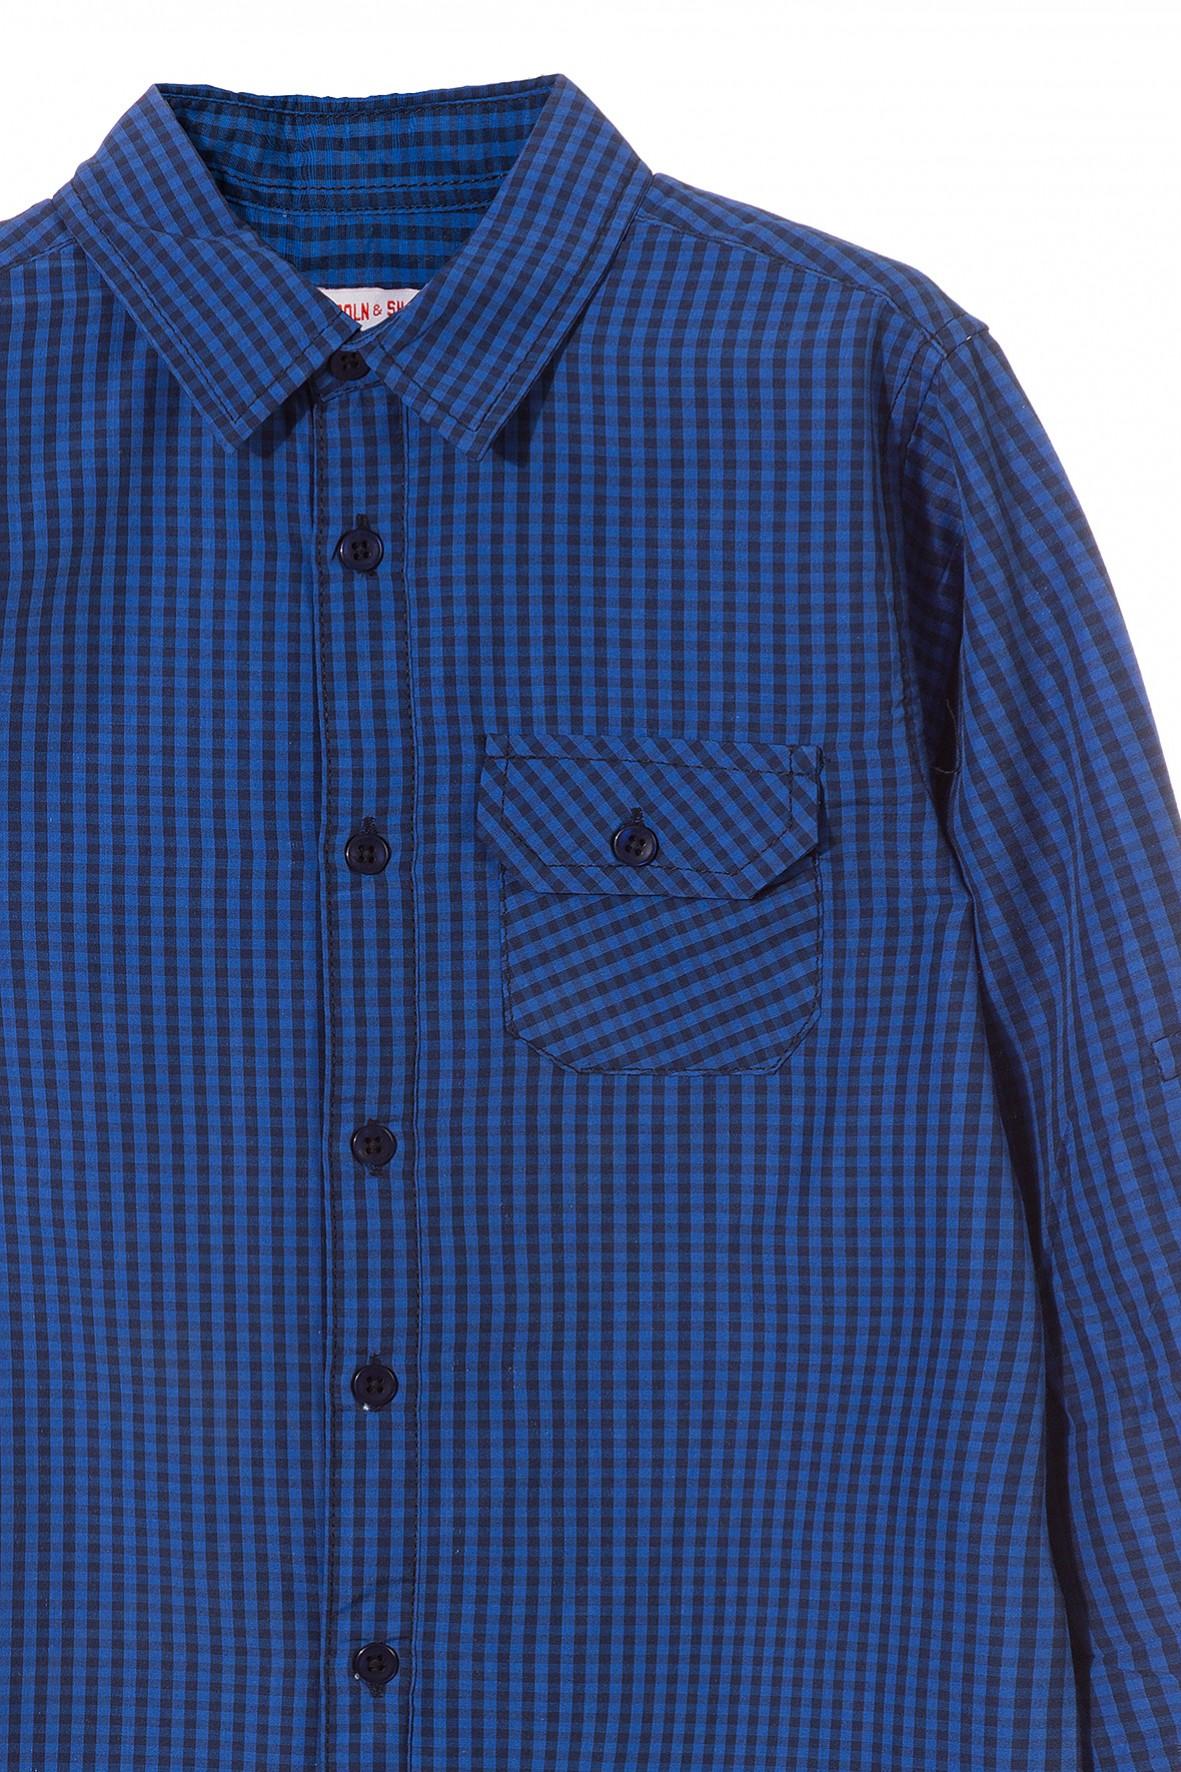 6d4084c4a Koszula chłopięca w kratkę 100% 2J3514 | Sklep 5.10.15